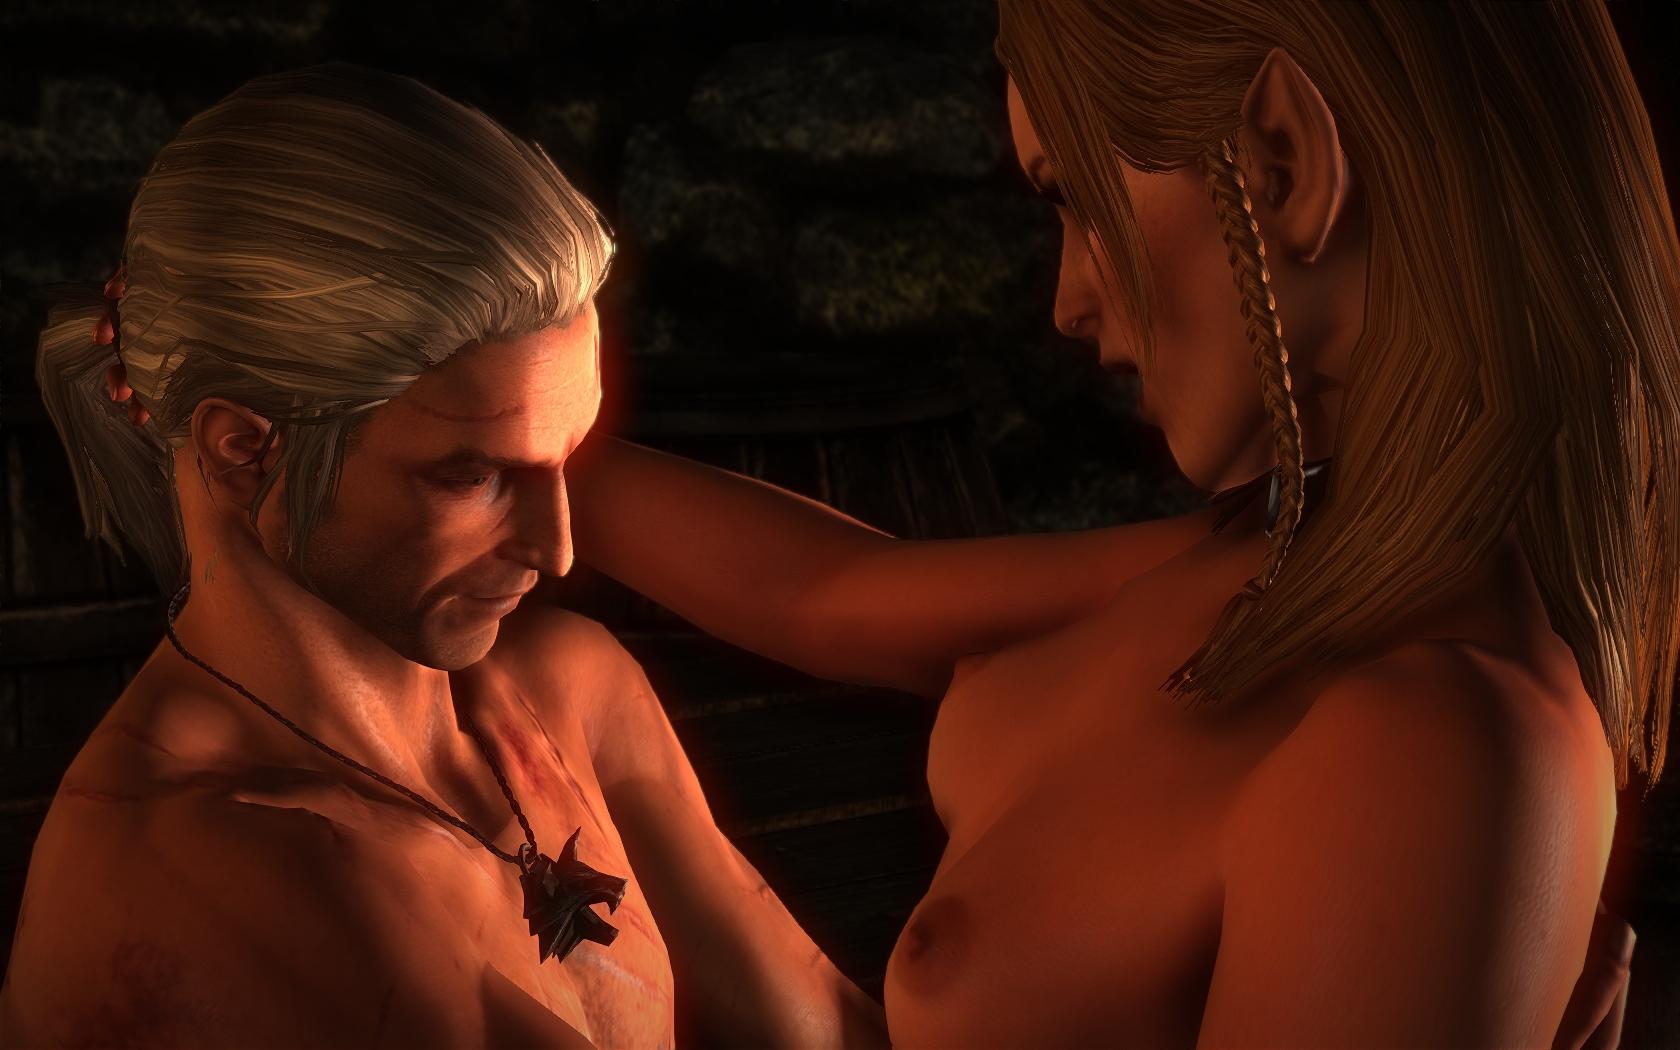 Witcher sex gifs nsfw galleries